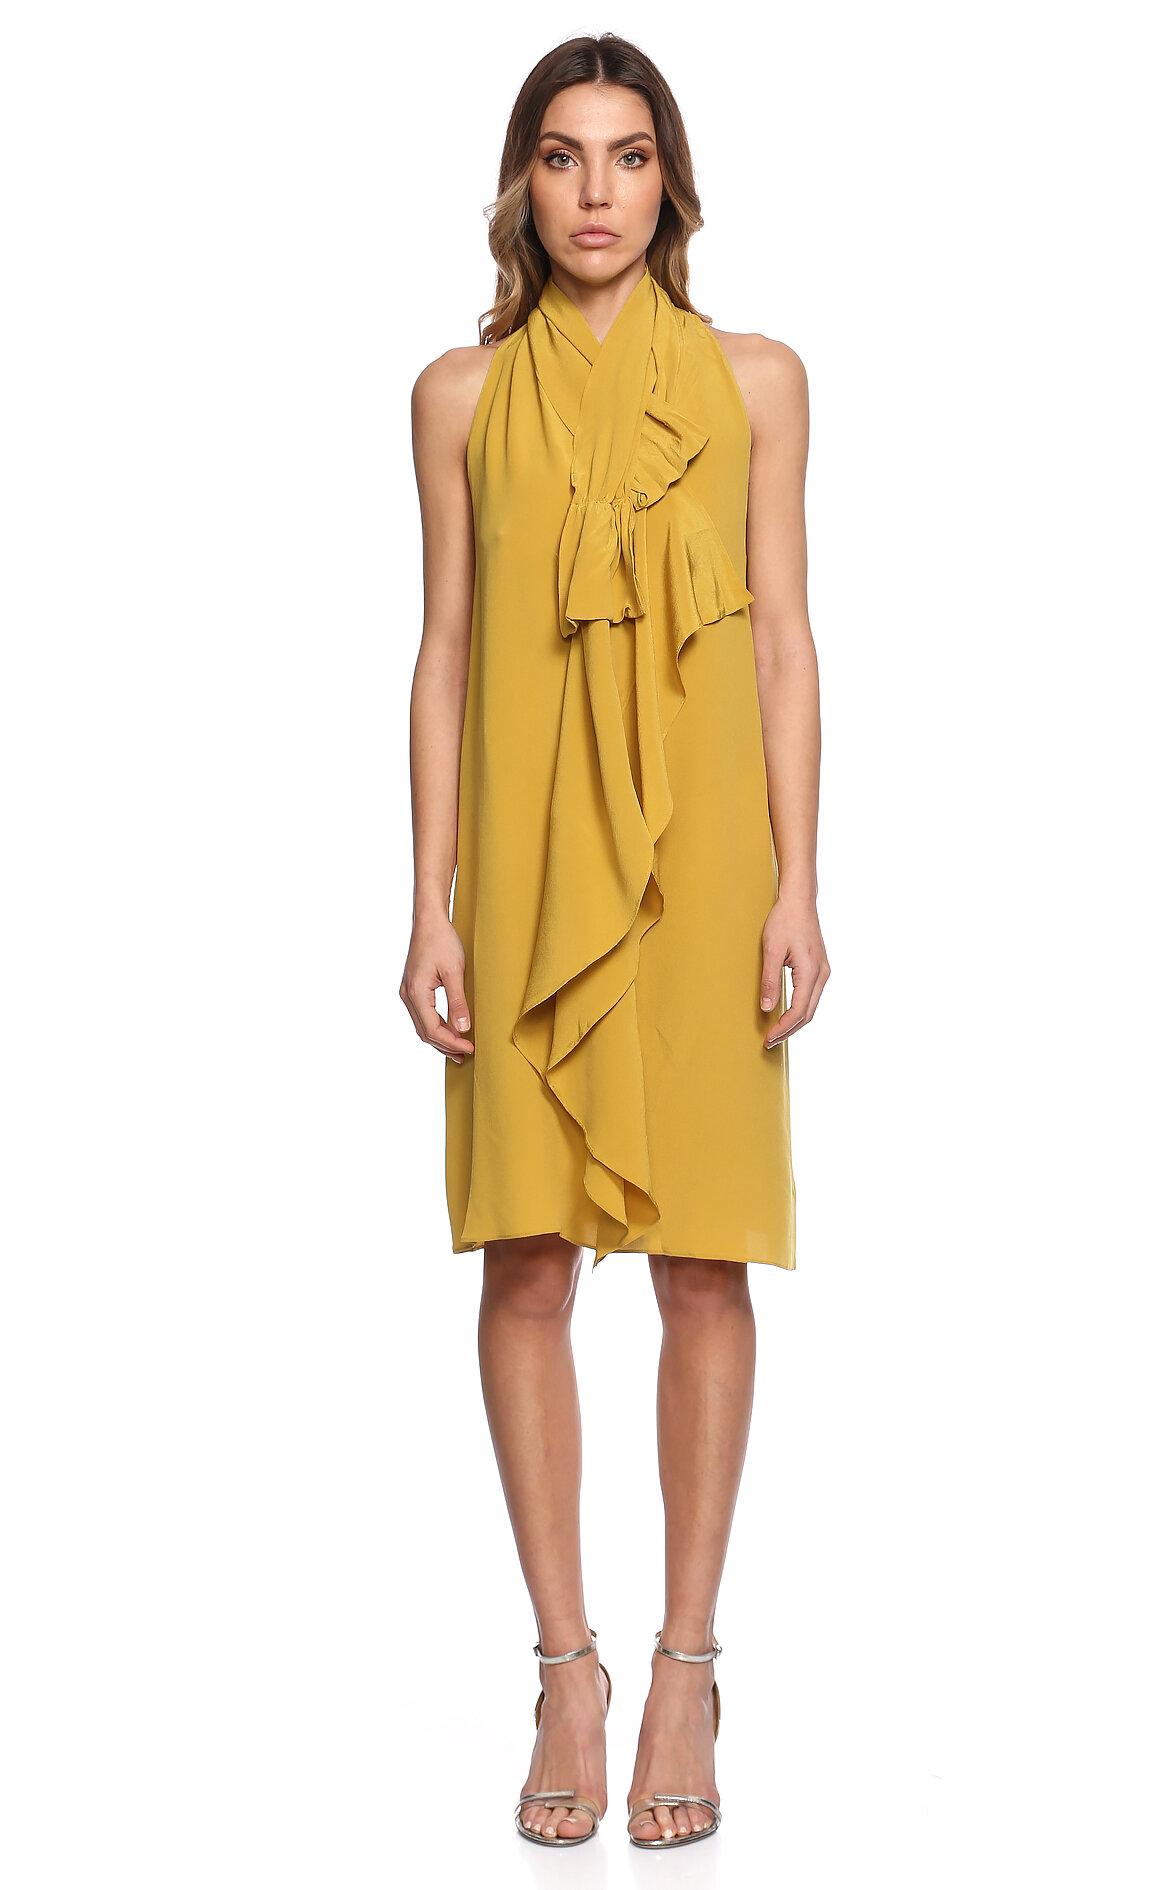 Gianfranco Ferre-Gianfranco Ferre Fular Yakalı Kolsuz Sarı Elbise